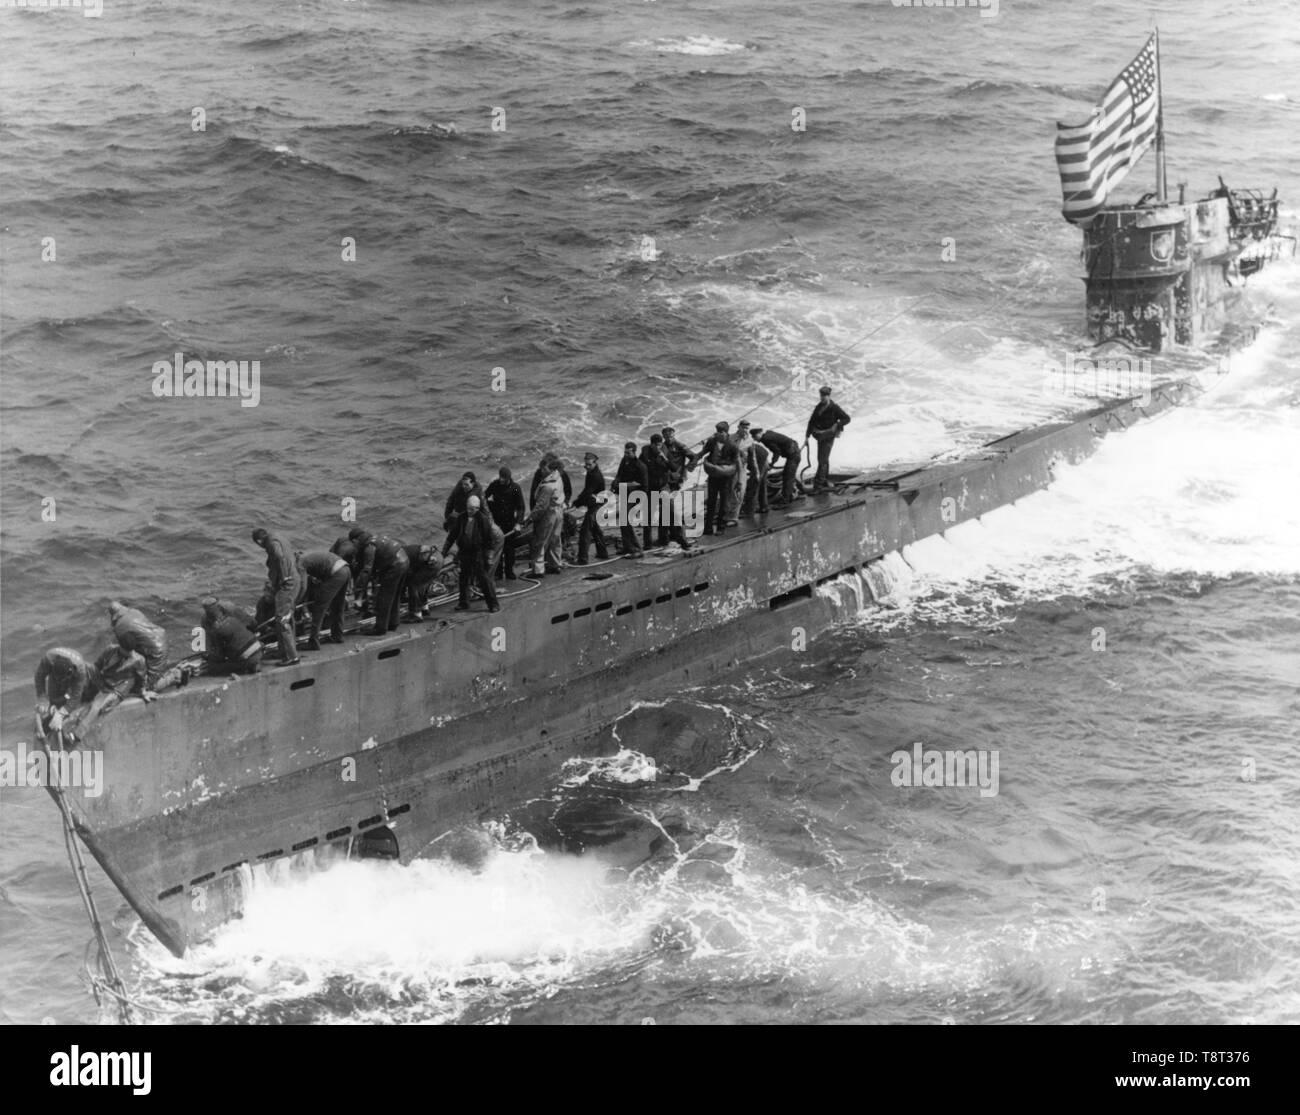 Deutsche U-Boot U-505. Ein internat Partei aus der U.S. Navy destroyer Escort USS Pillsbury (DE-133), ein Abschleppseil am Bug der erfassten deutschen U-Boot U-505 zu sichern, 4. Juni 1944 Stockbild